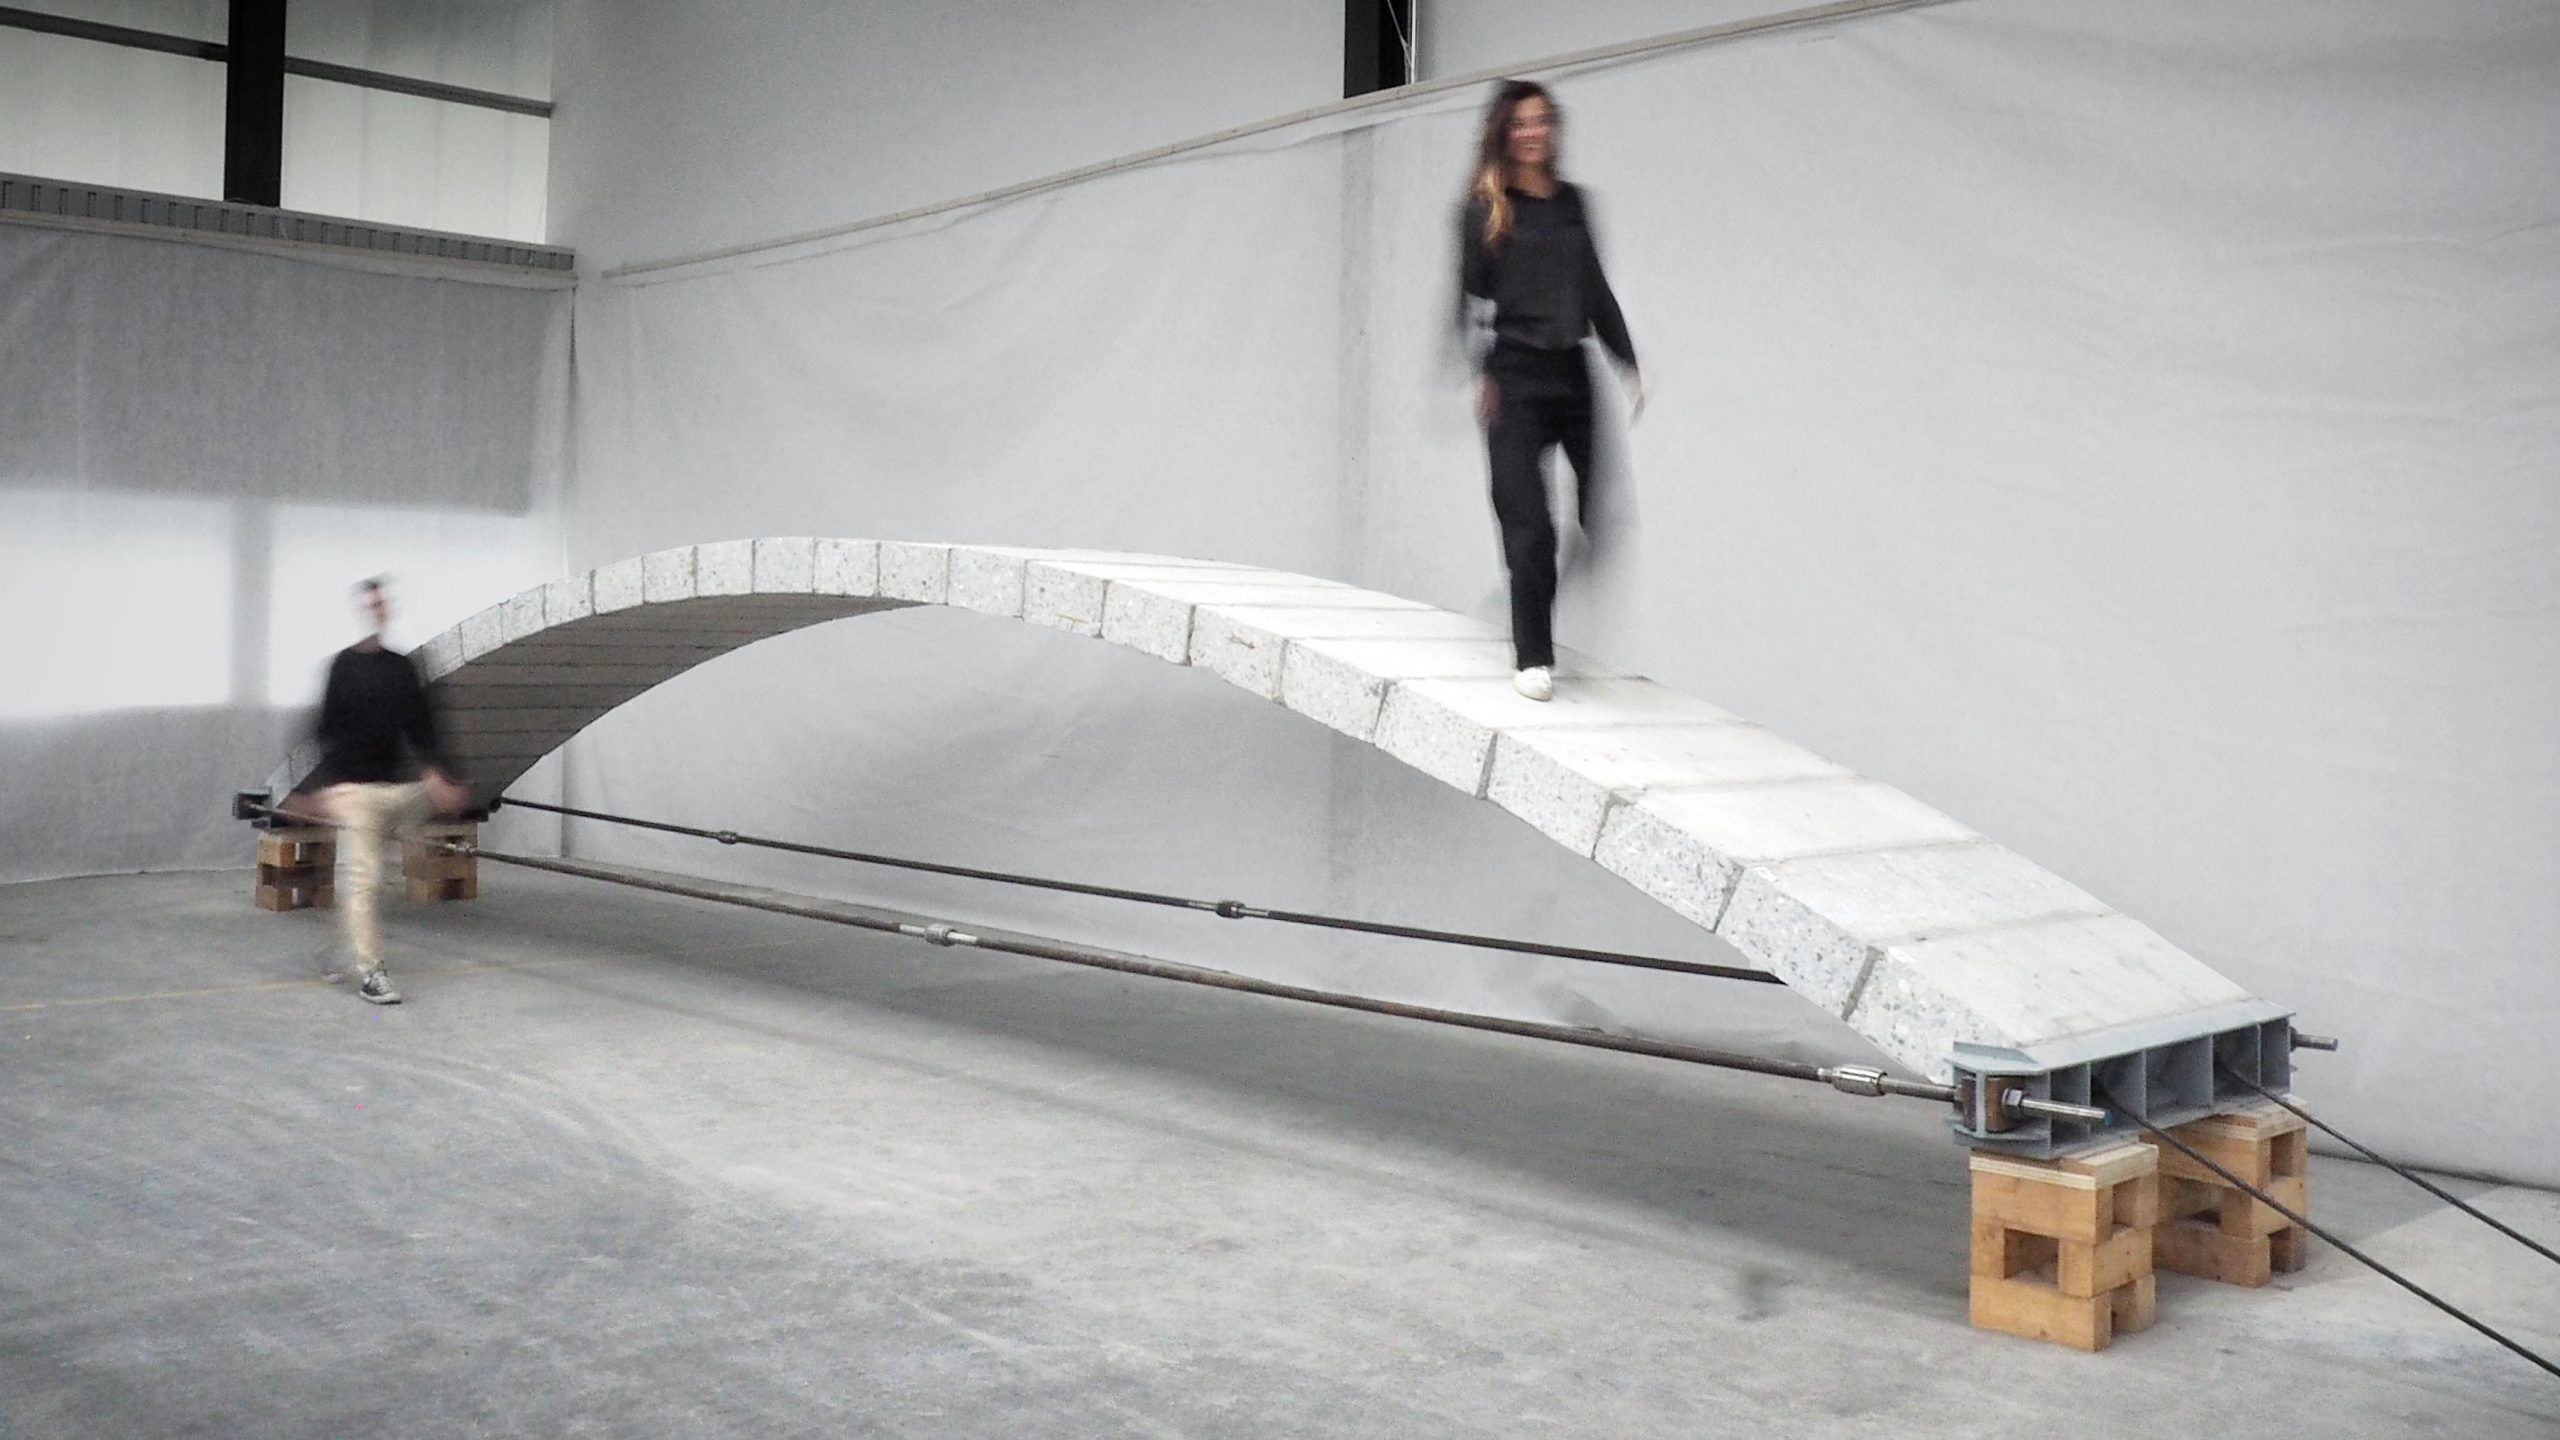 Passerella in calcestruzzo riciclato - credit EPFL